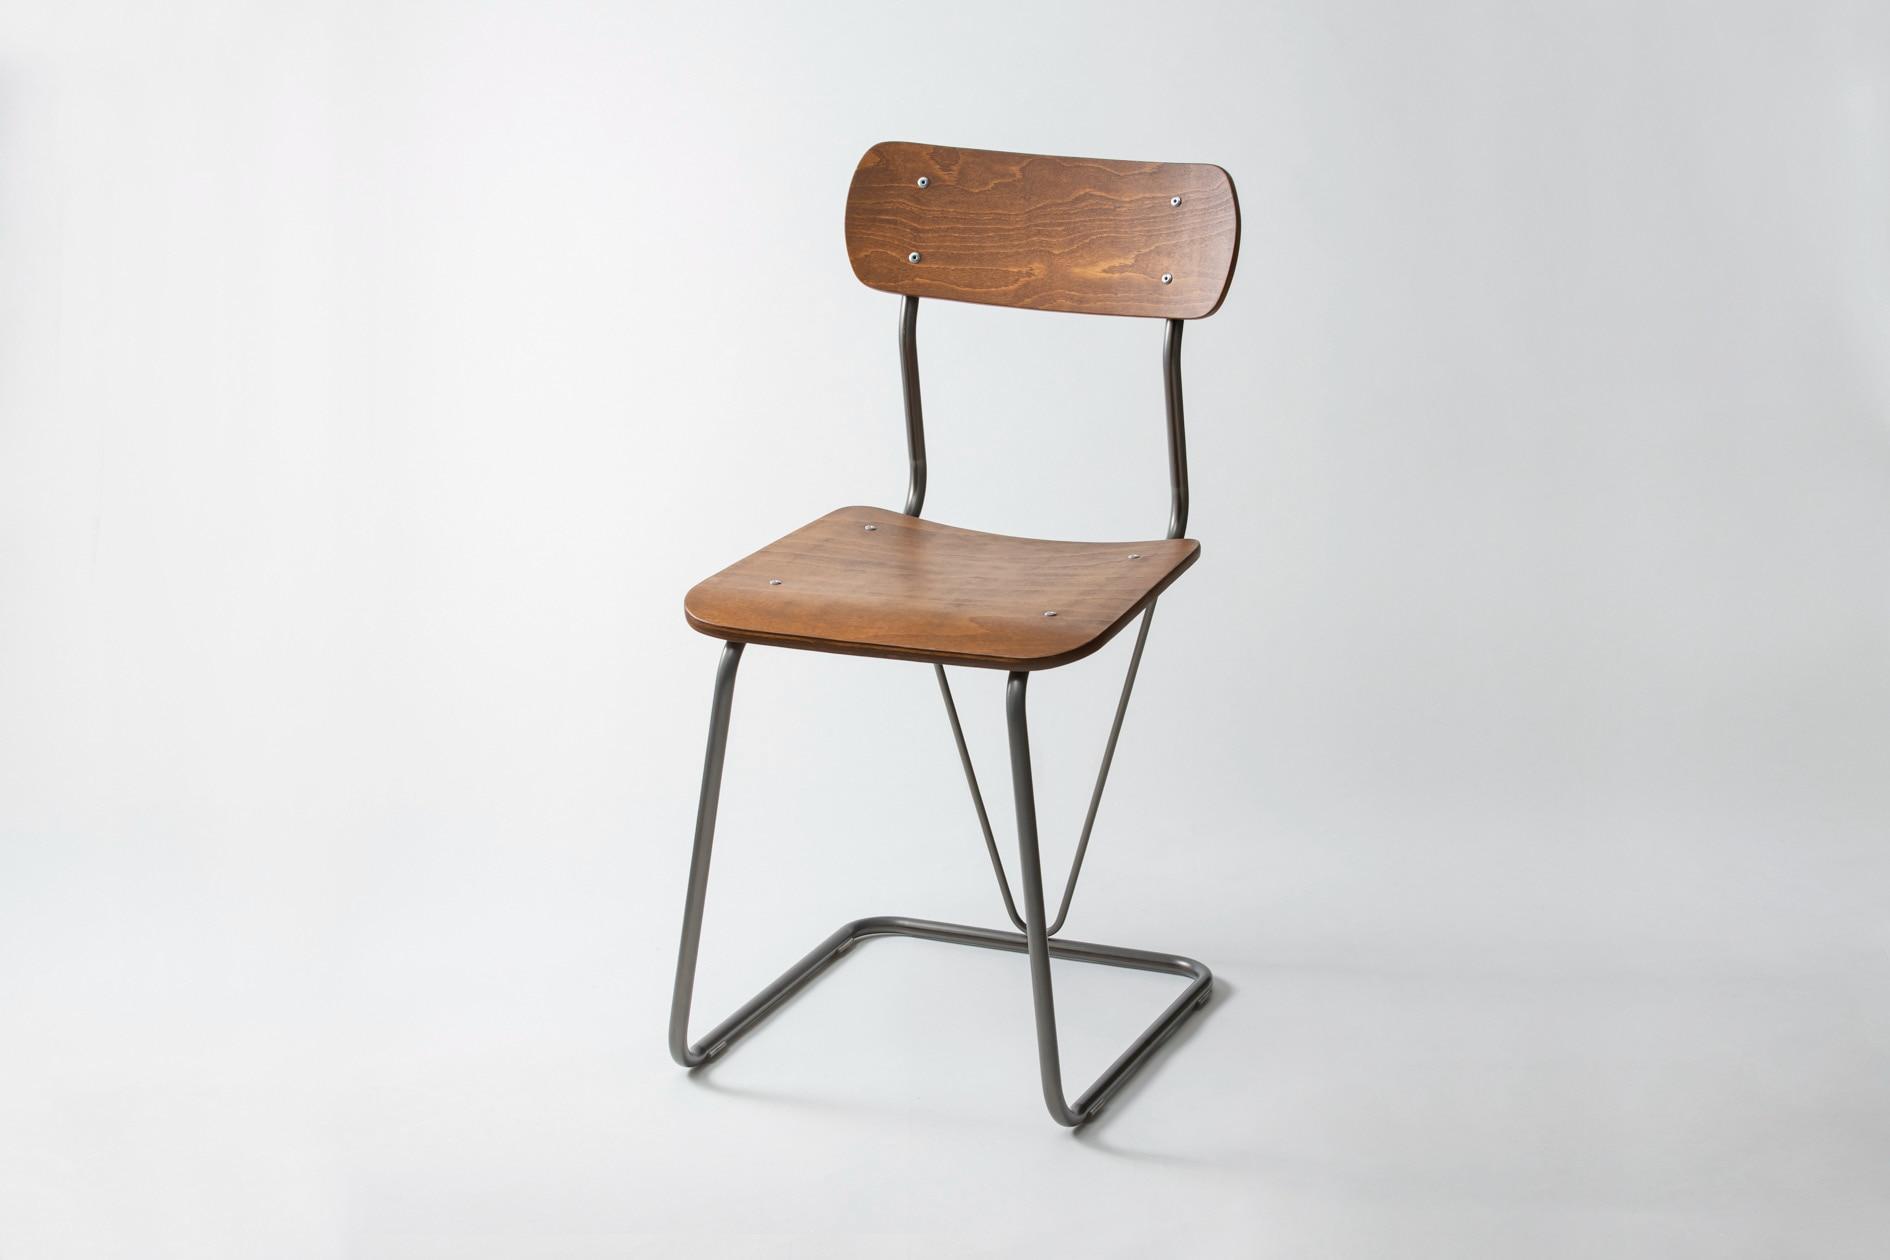 株式会社イチムラの学校用椅子A-100(復刻版)のclear/brown,学校で使った懐かしいイス